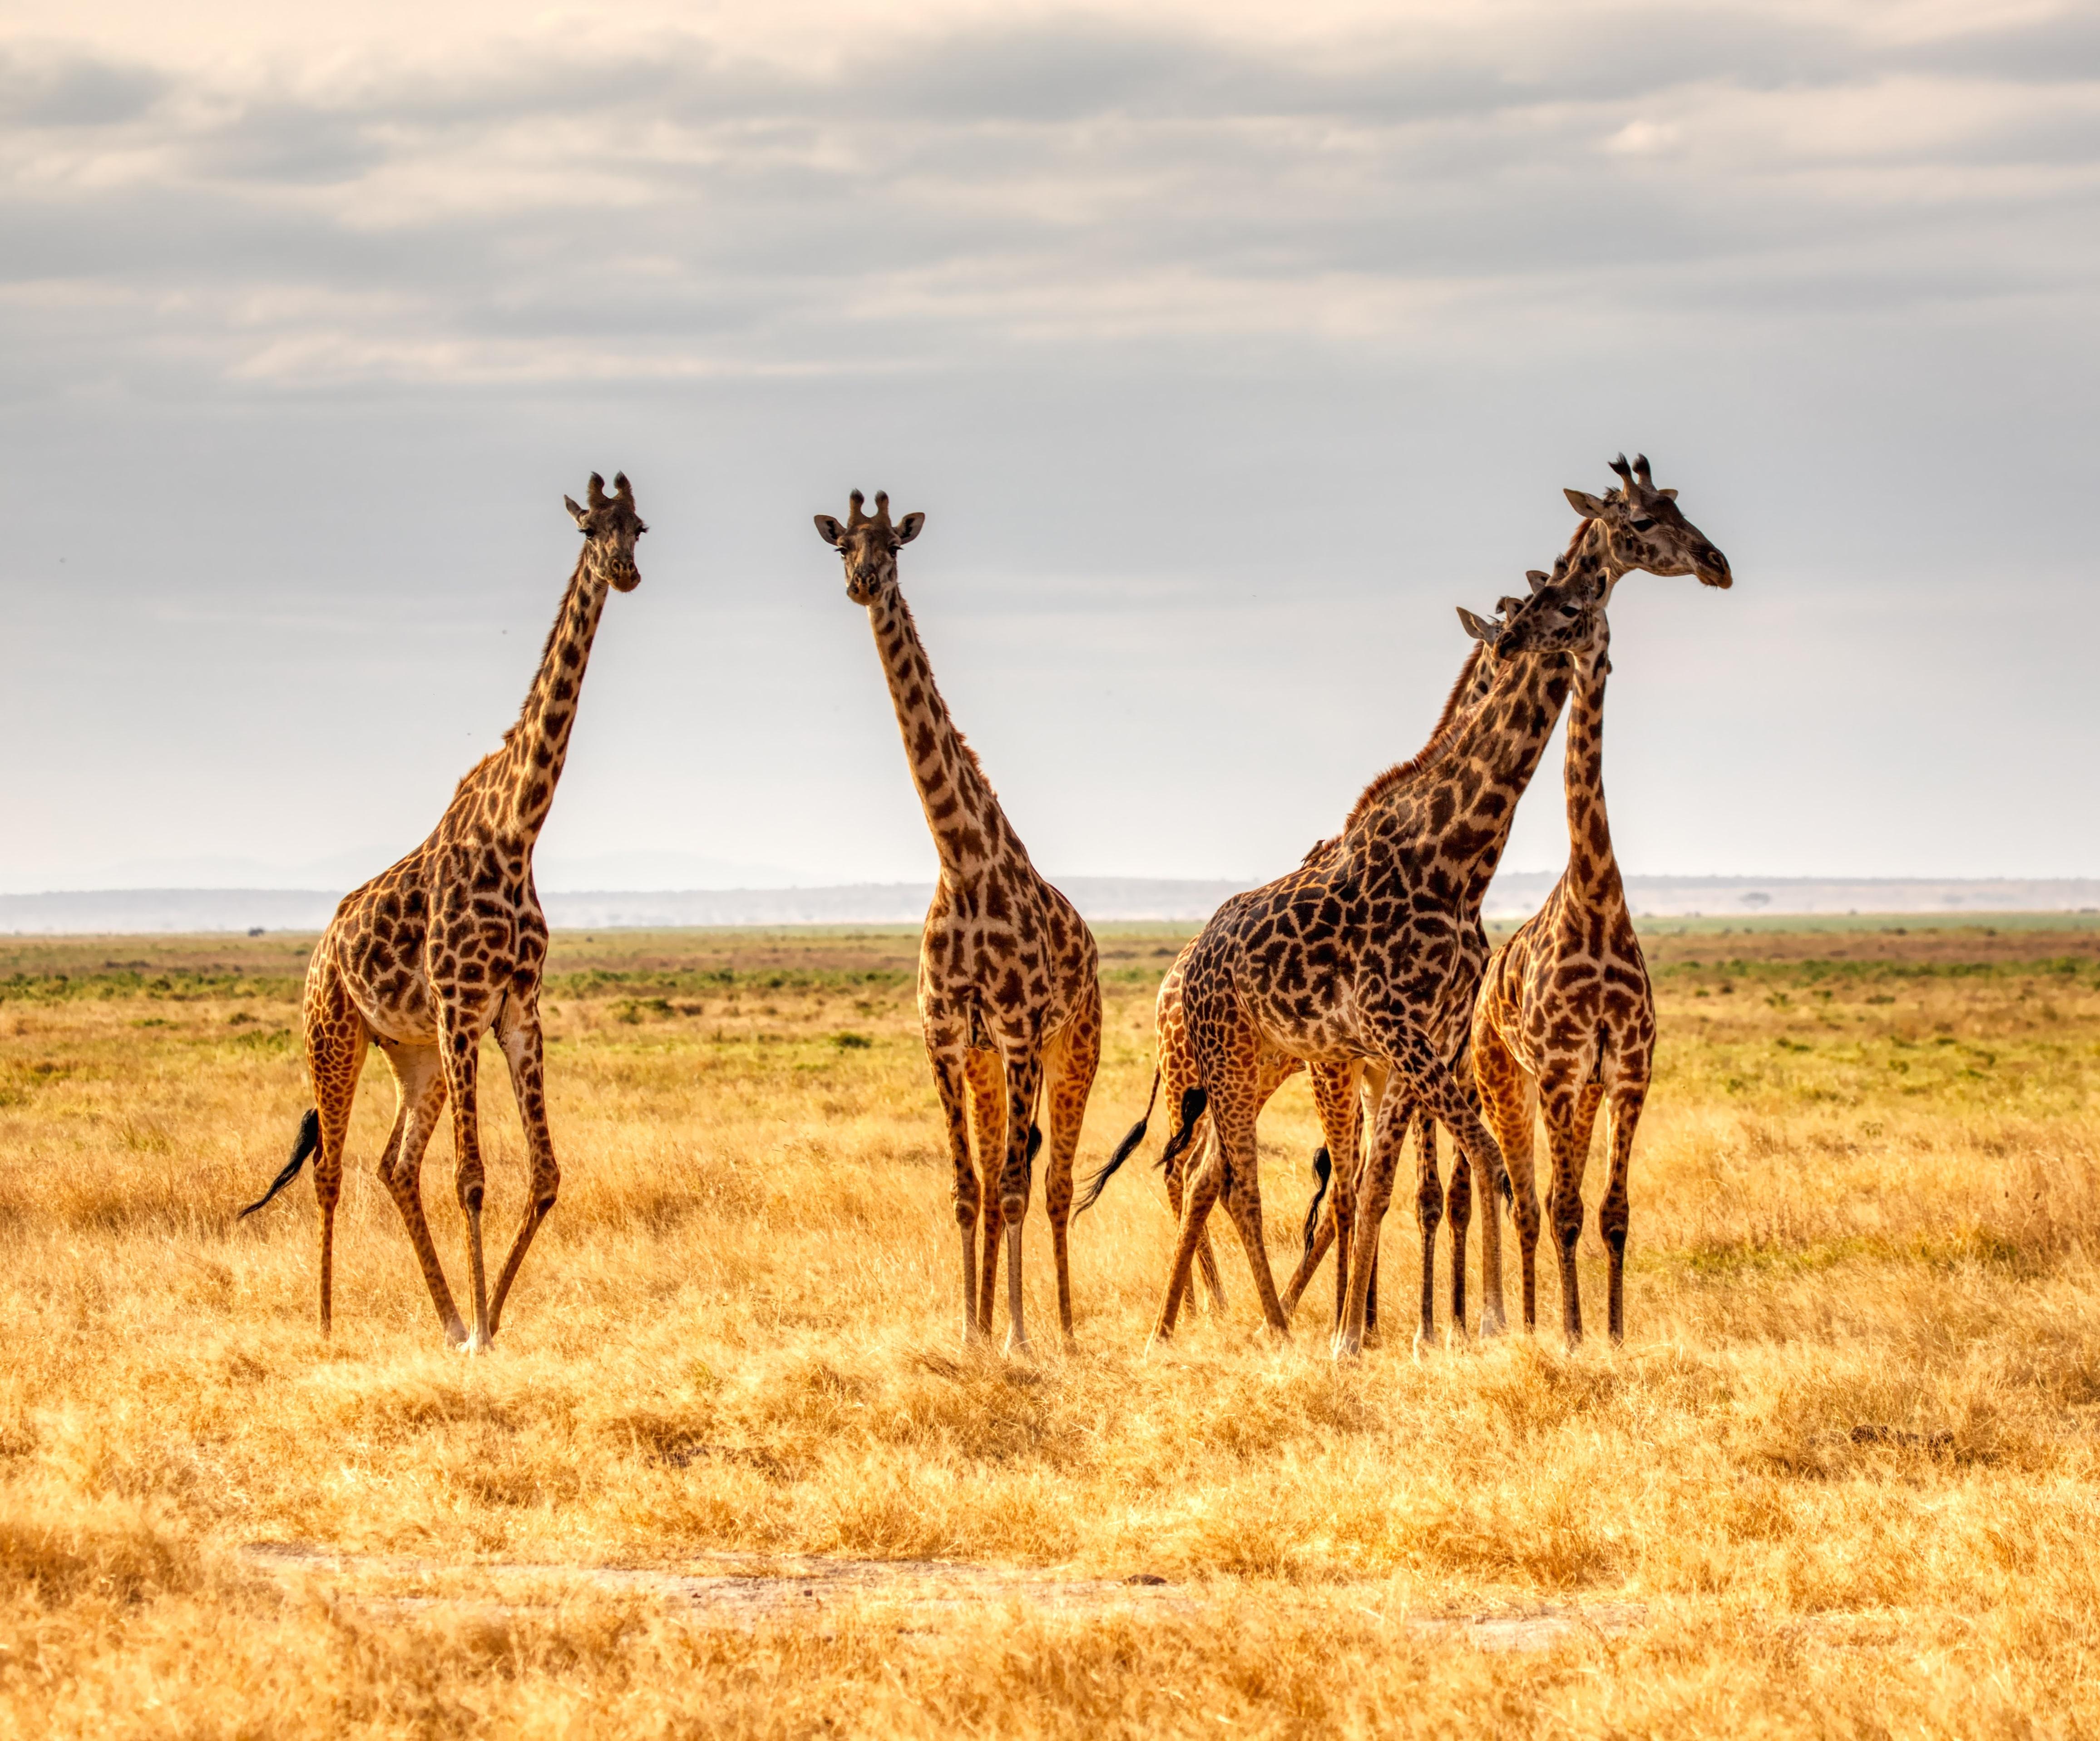 讓長頸鹿留在家鄉非洲-台灣「頑皮世界」終止引進